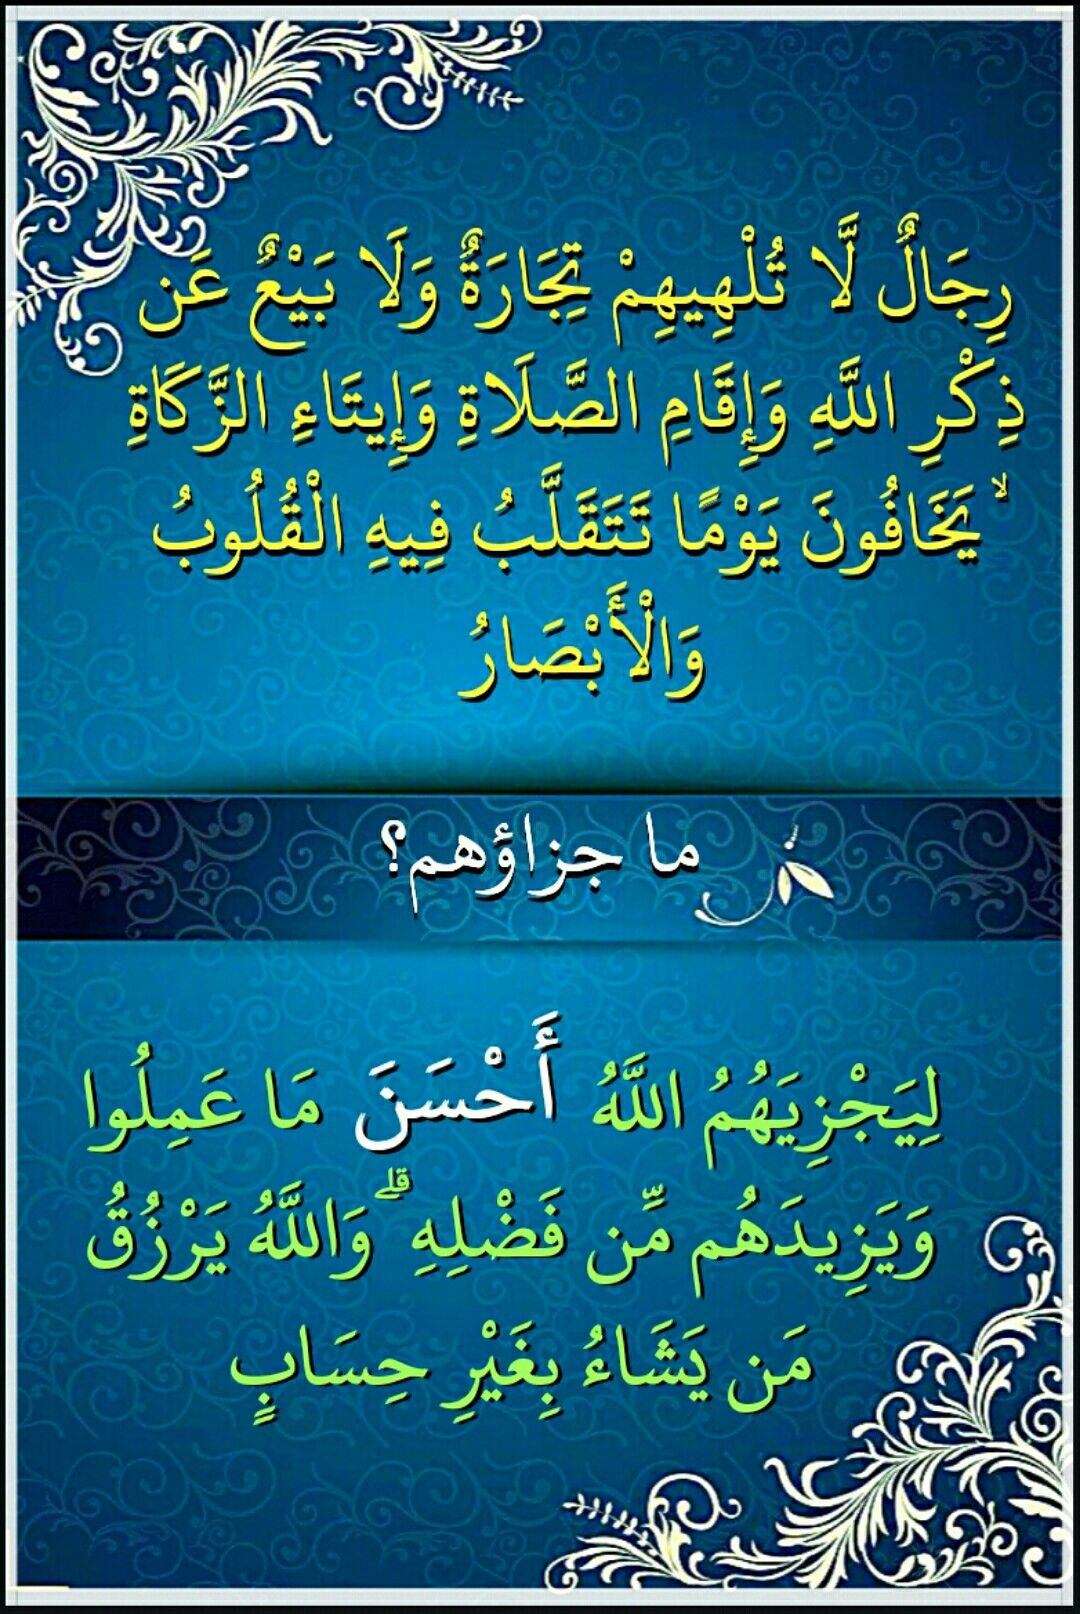 قرآن كريم آيه رجال لا تلهيهم Islam Islam Quran Quran